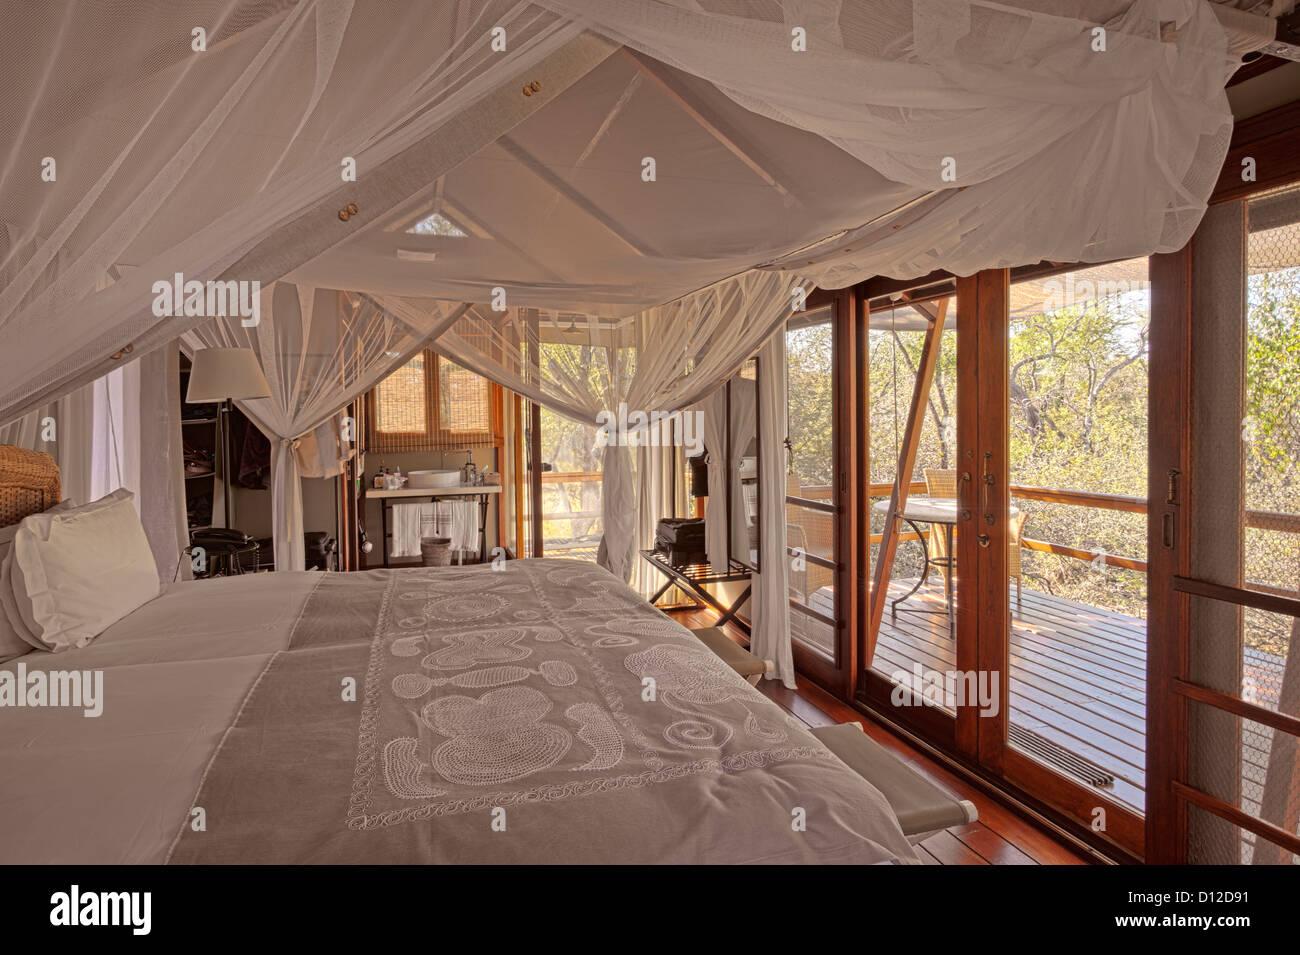 Luxury tented accommodation at Mushara Bush Camp, Mushara Lodge, Etosha, Oshikoto Region, Namibia, Africa - Stock Image